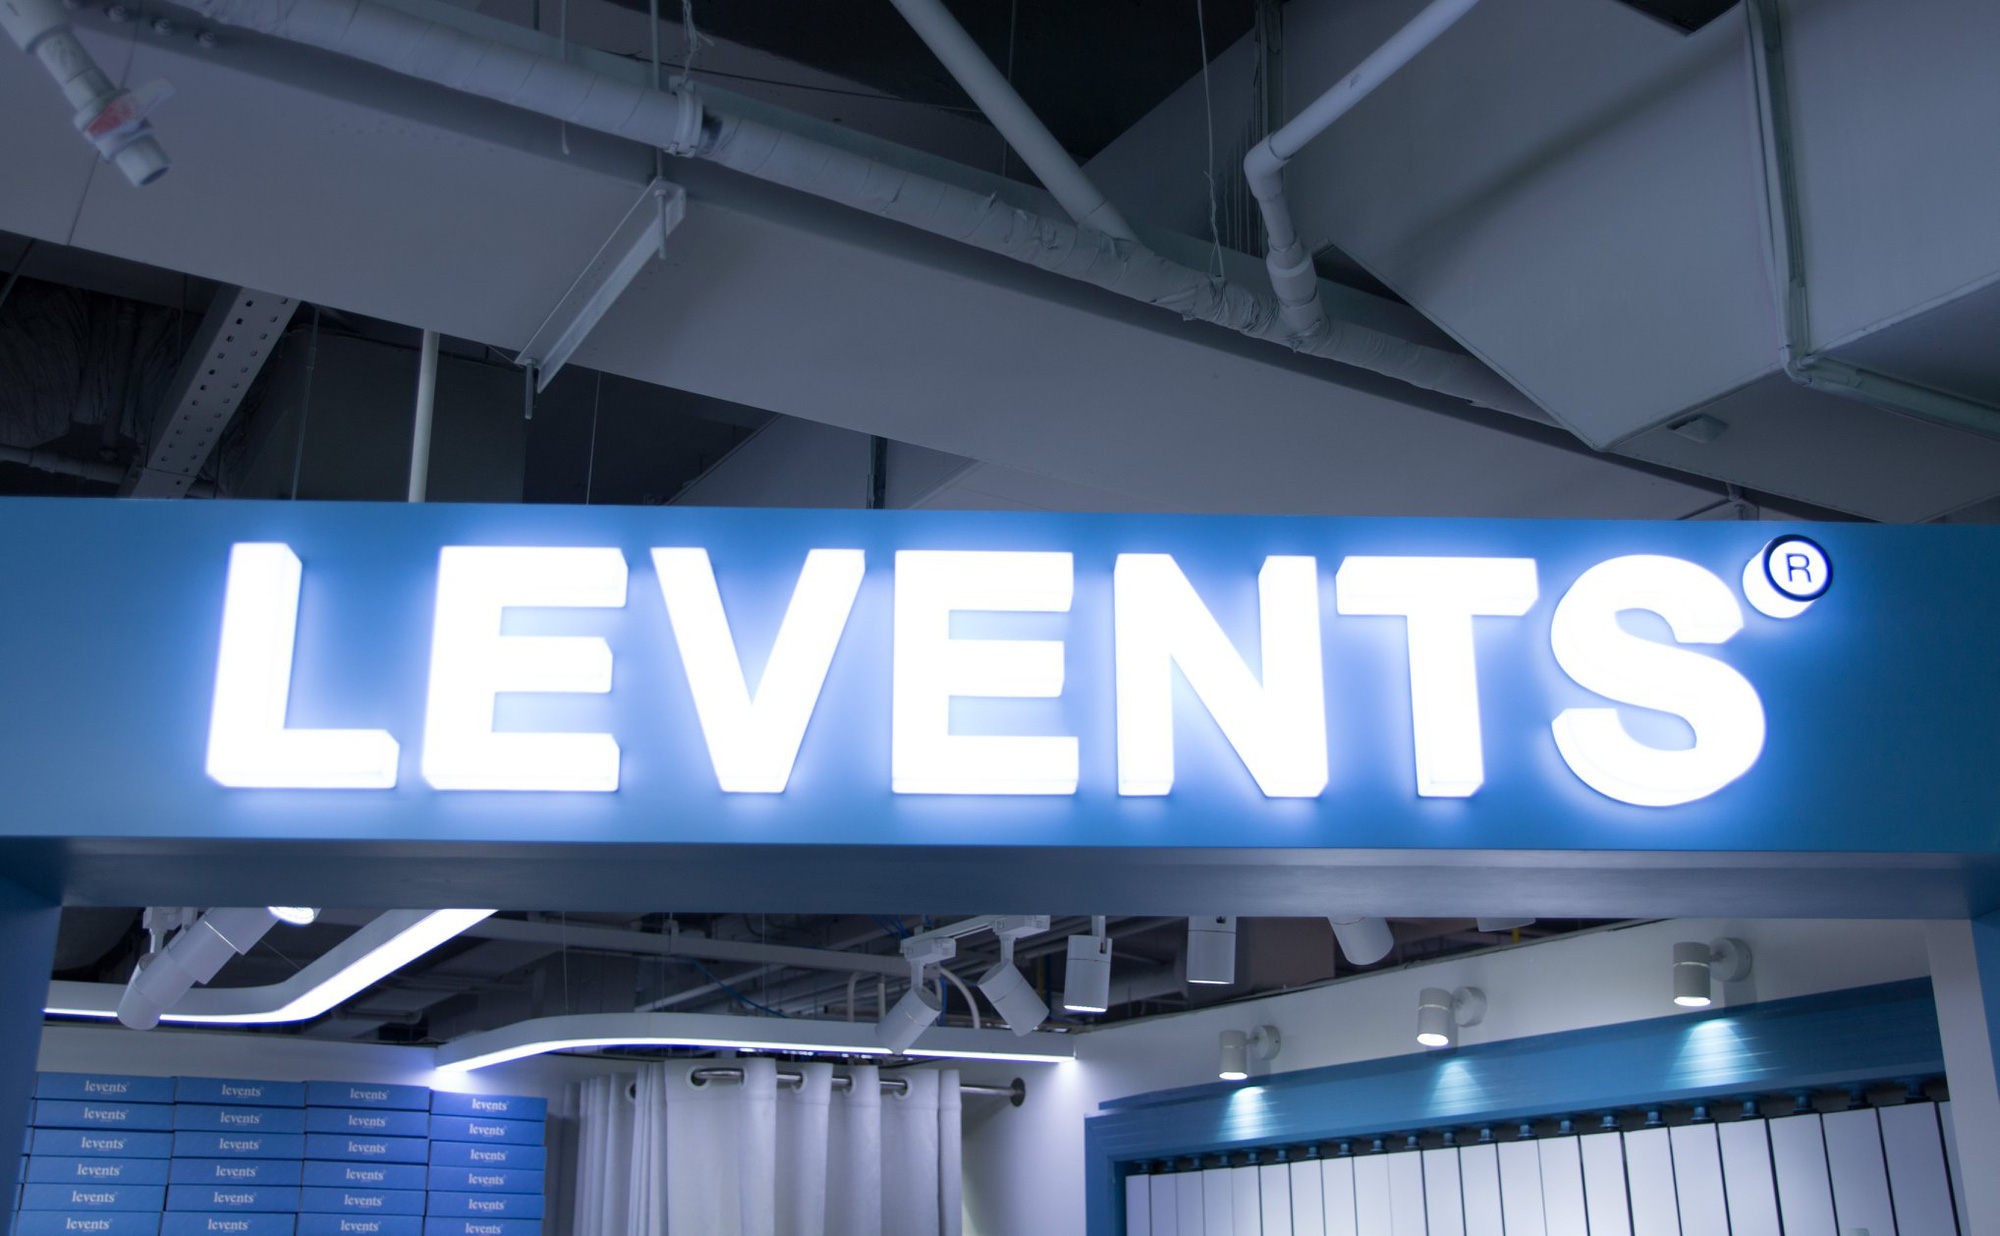 Levents - Nhân tố nổi bật trong làn sóng streetwear - Ảnh 6.